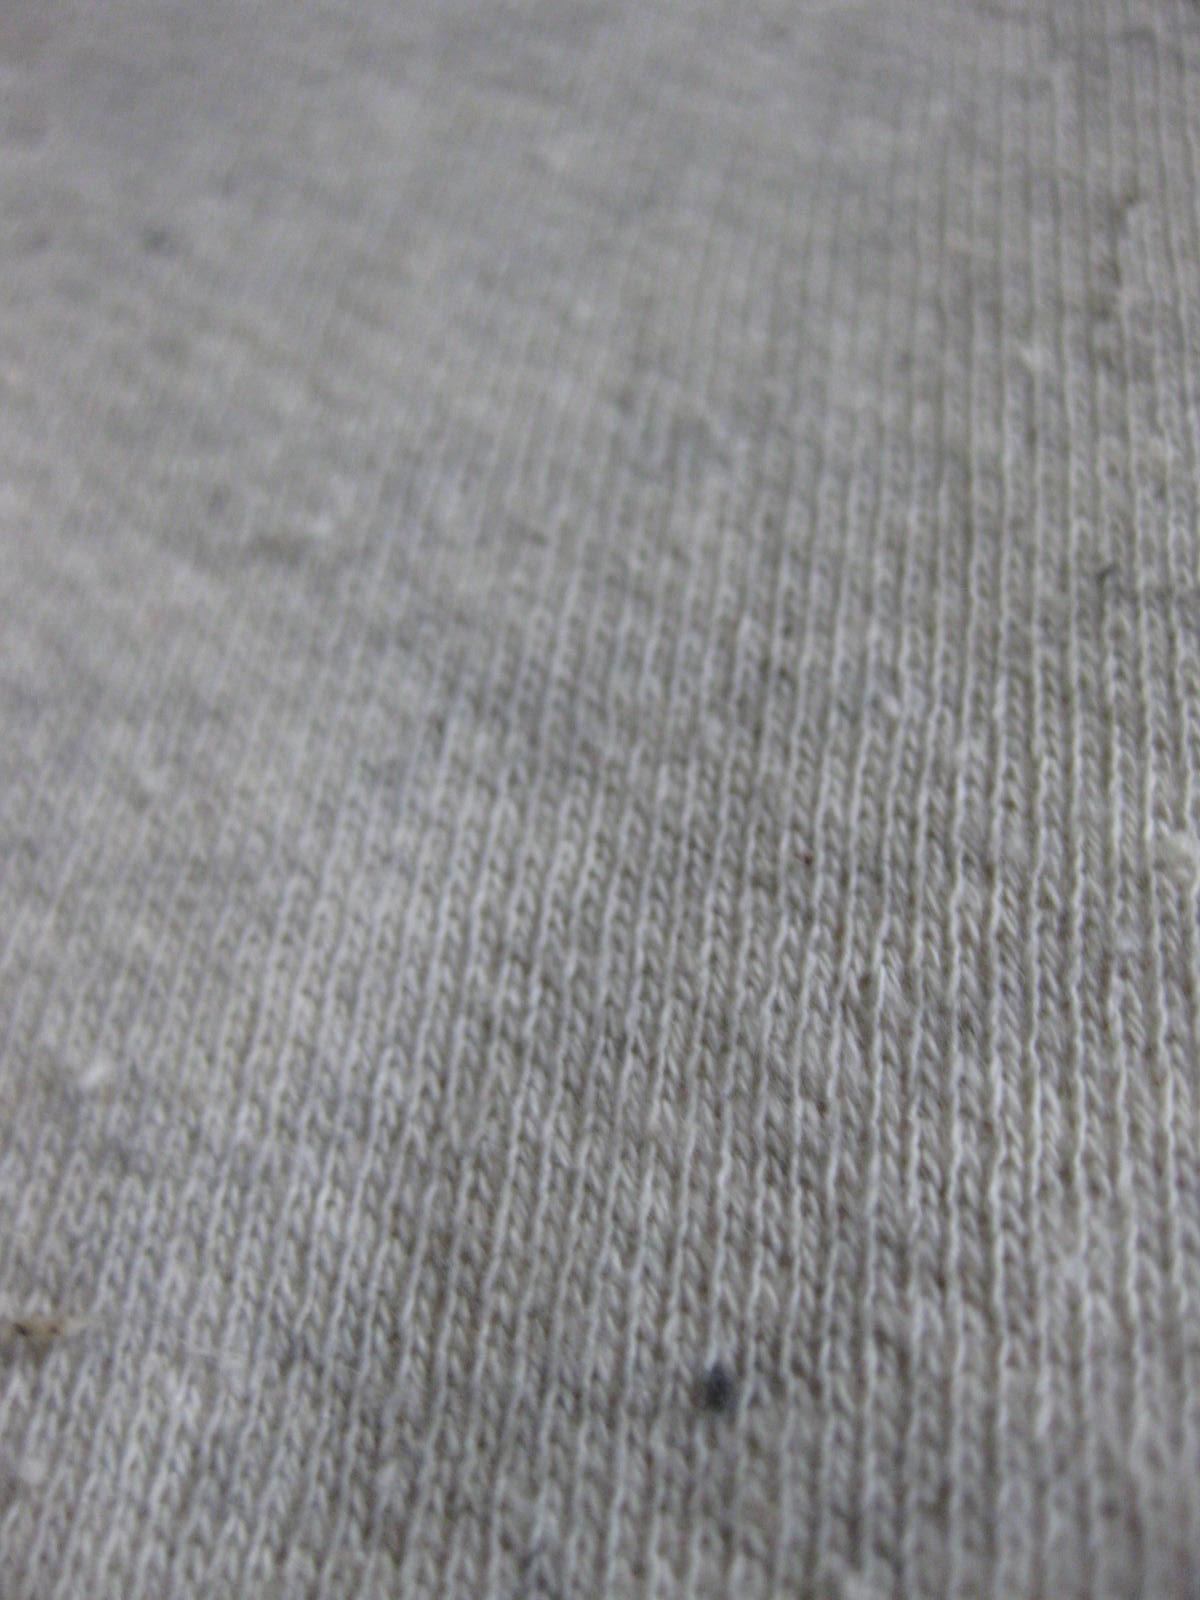 sweat pants_a0117545_17284921.jpg